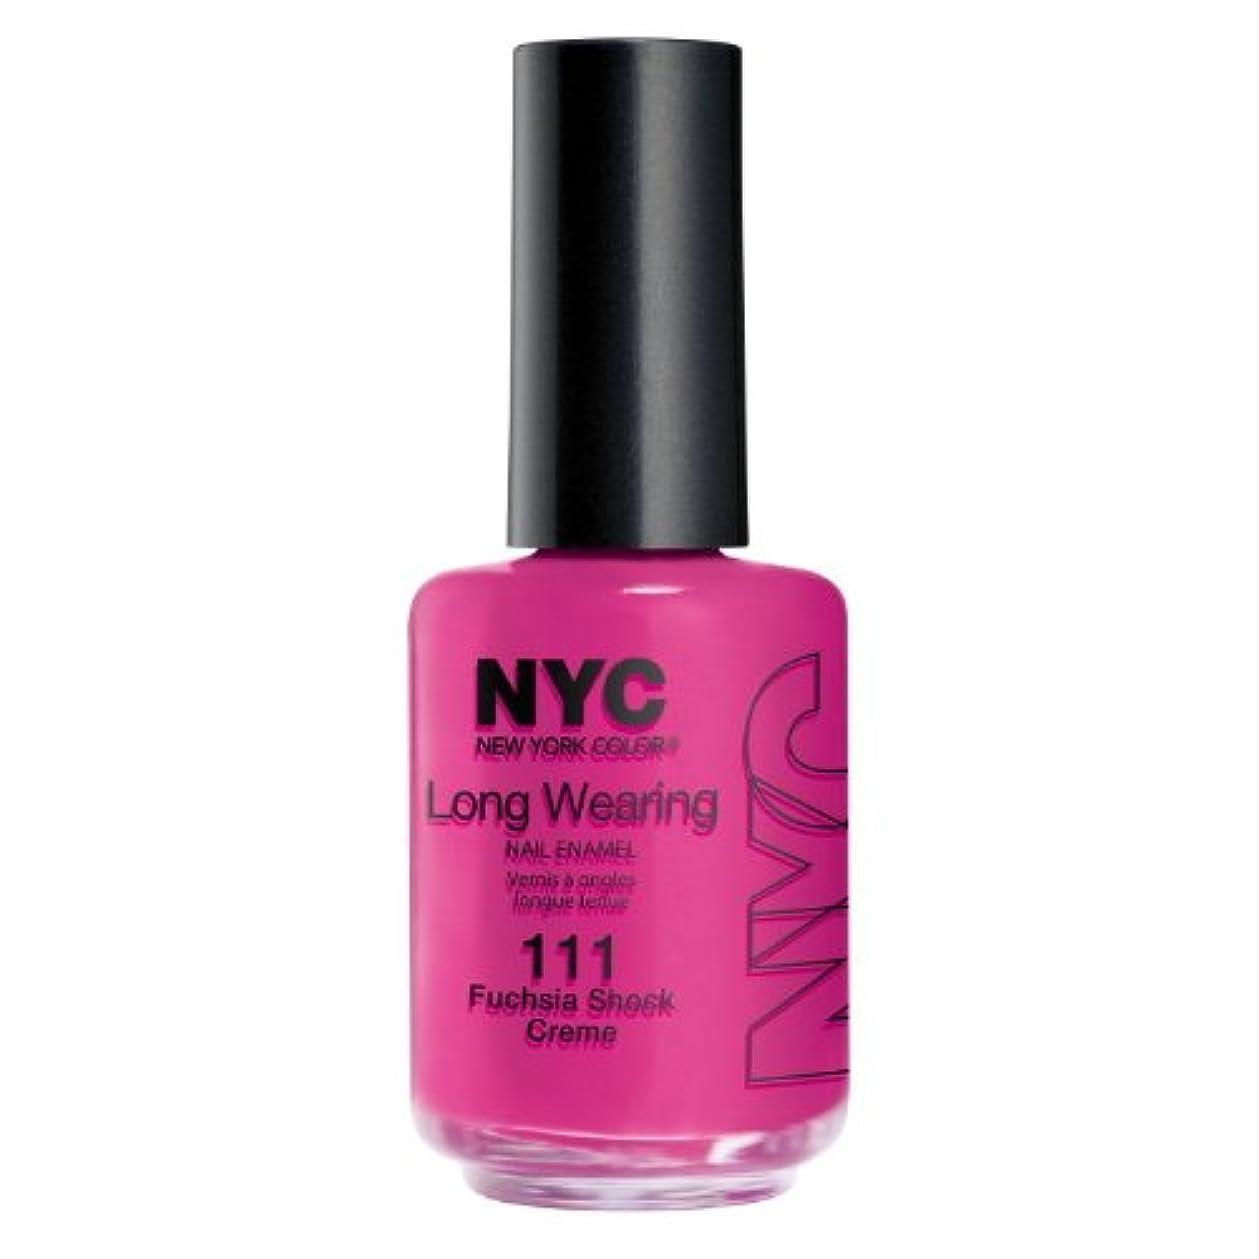 賞賛するアッパー接続されたNYC Long Wearing Nail Enamel - Fuchisia Shock Creme (並行輸入品)